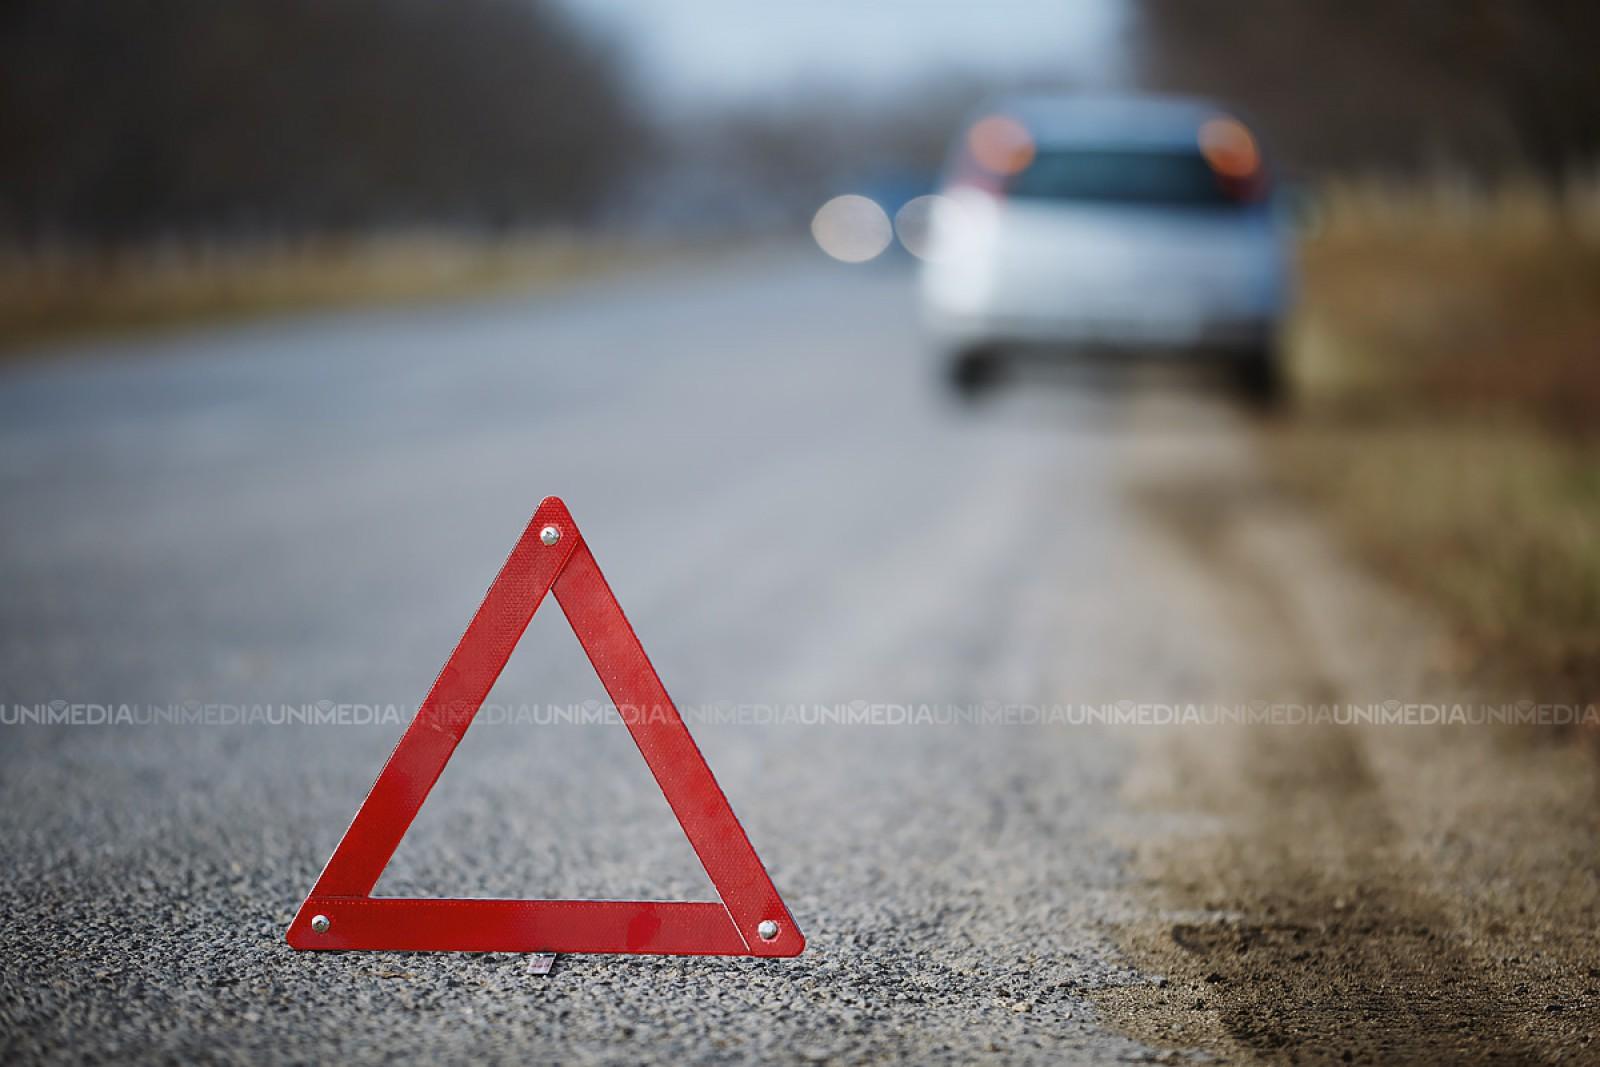 Un accident rutier în centrul capitalei a creat ambuteiaje. Ce străzi să evitați pentru a ajunge mai repede la destinație